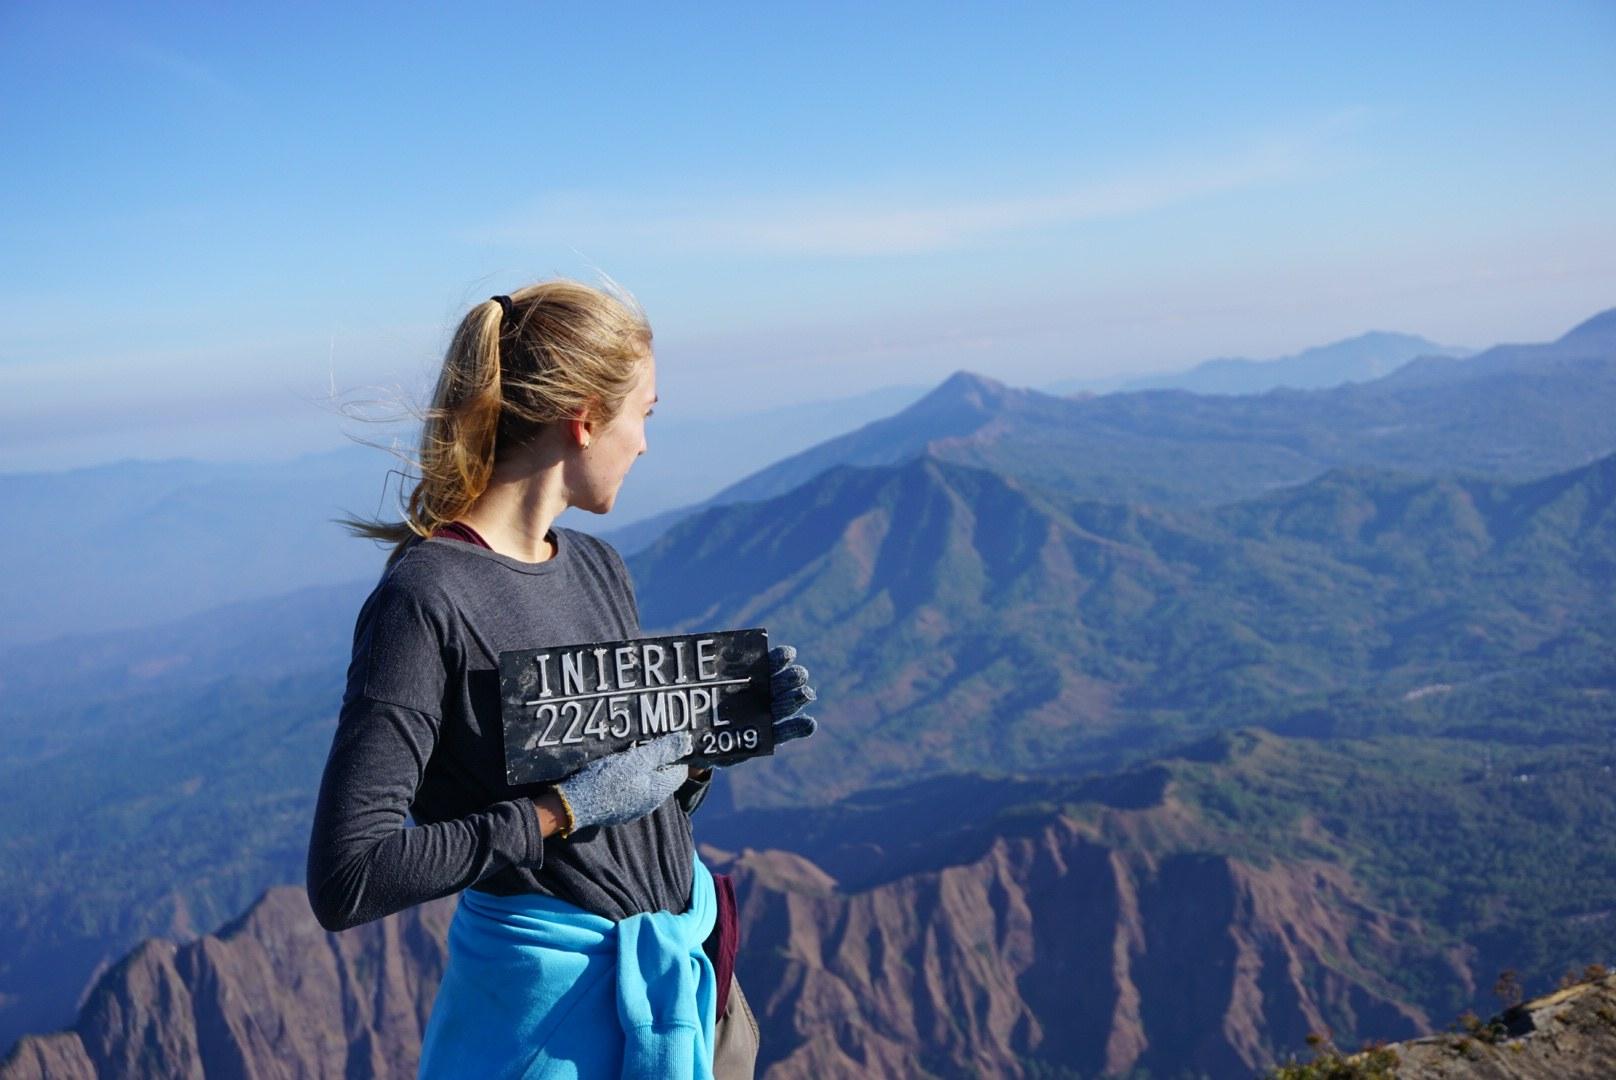 Inierie vulkaan top volcano